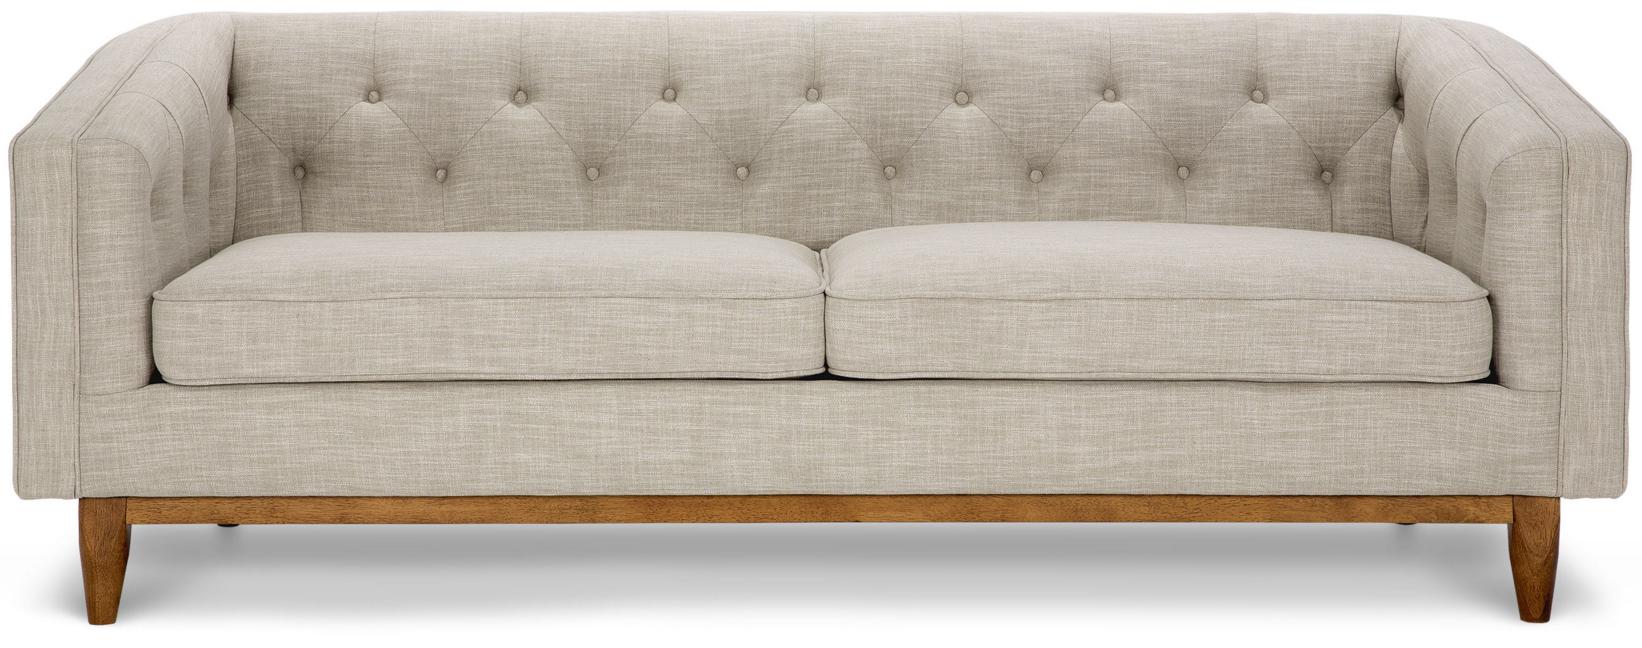 Alcott Sofa   shown